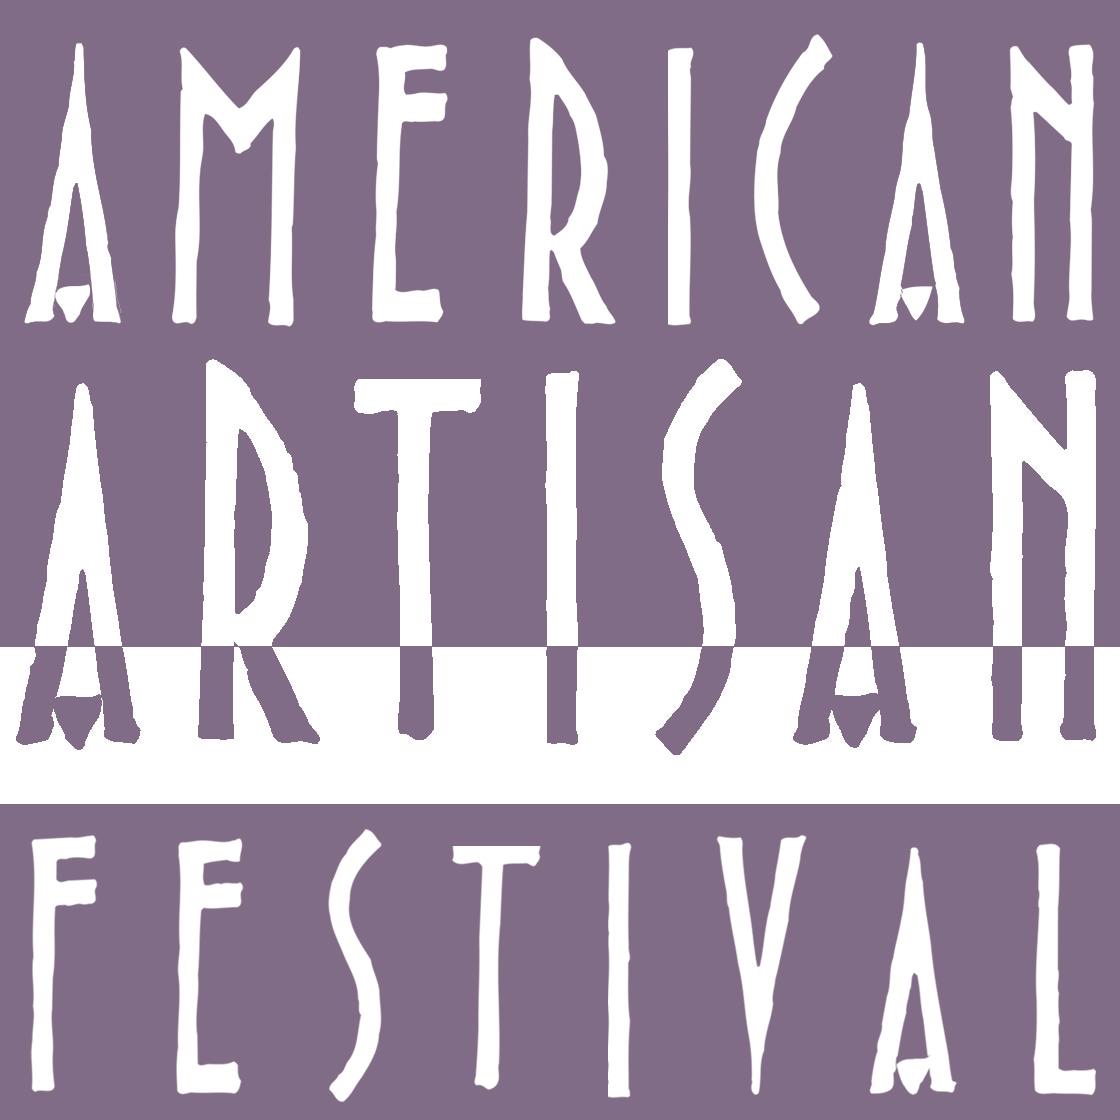 2019 Nashville American Artisan Festival